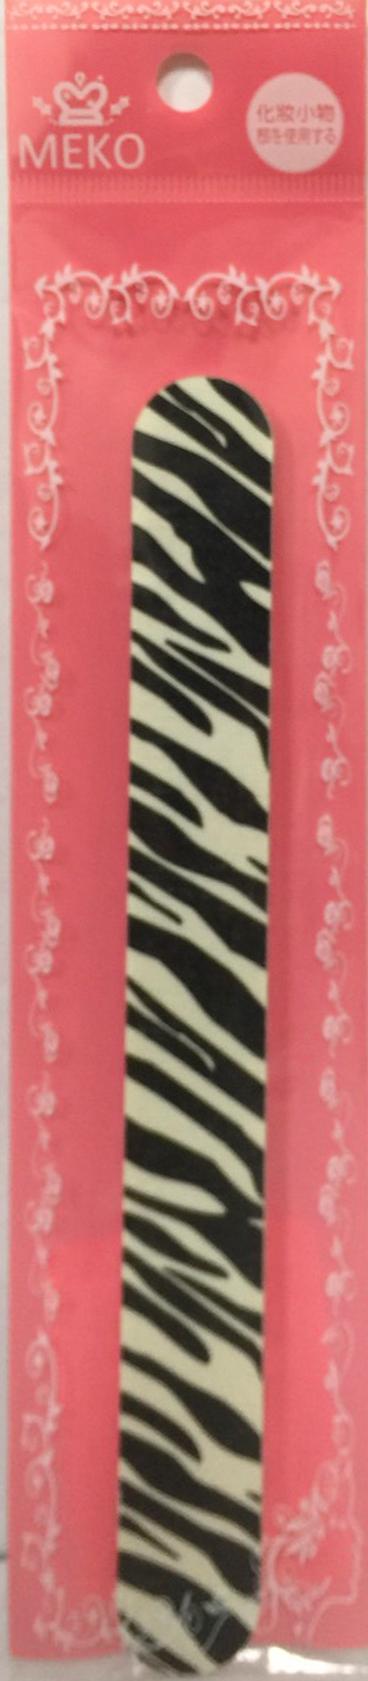 斑馬紋圓磨砂棒 B-089